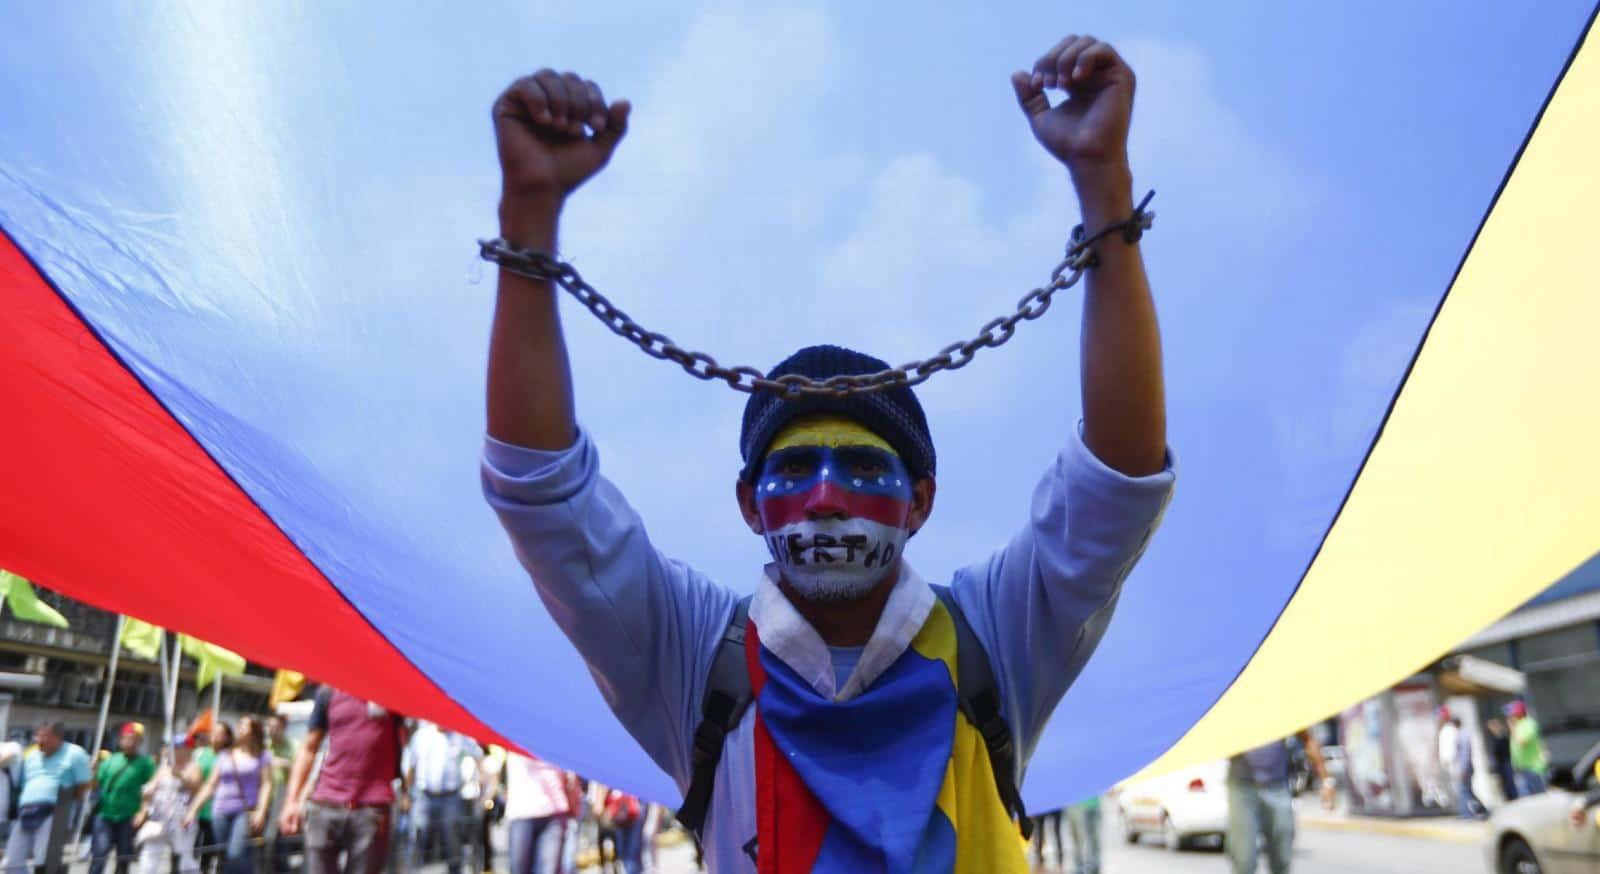 Sentencia previa: la justicia penal contra la libre expresión